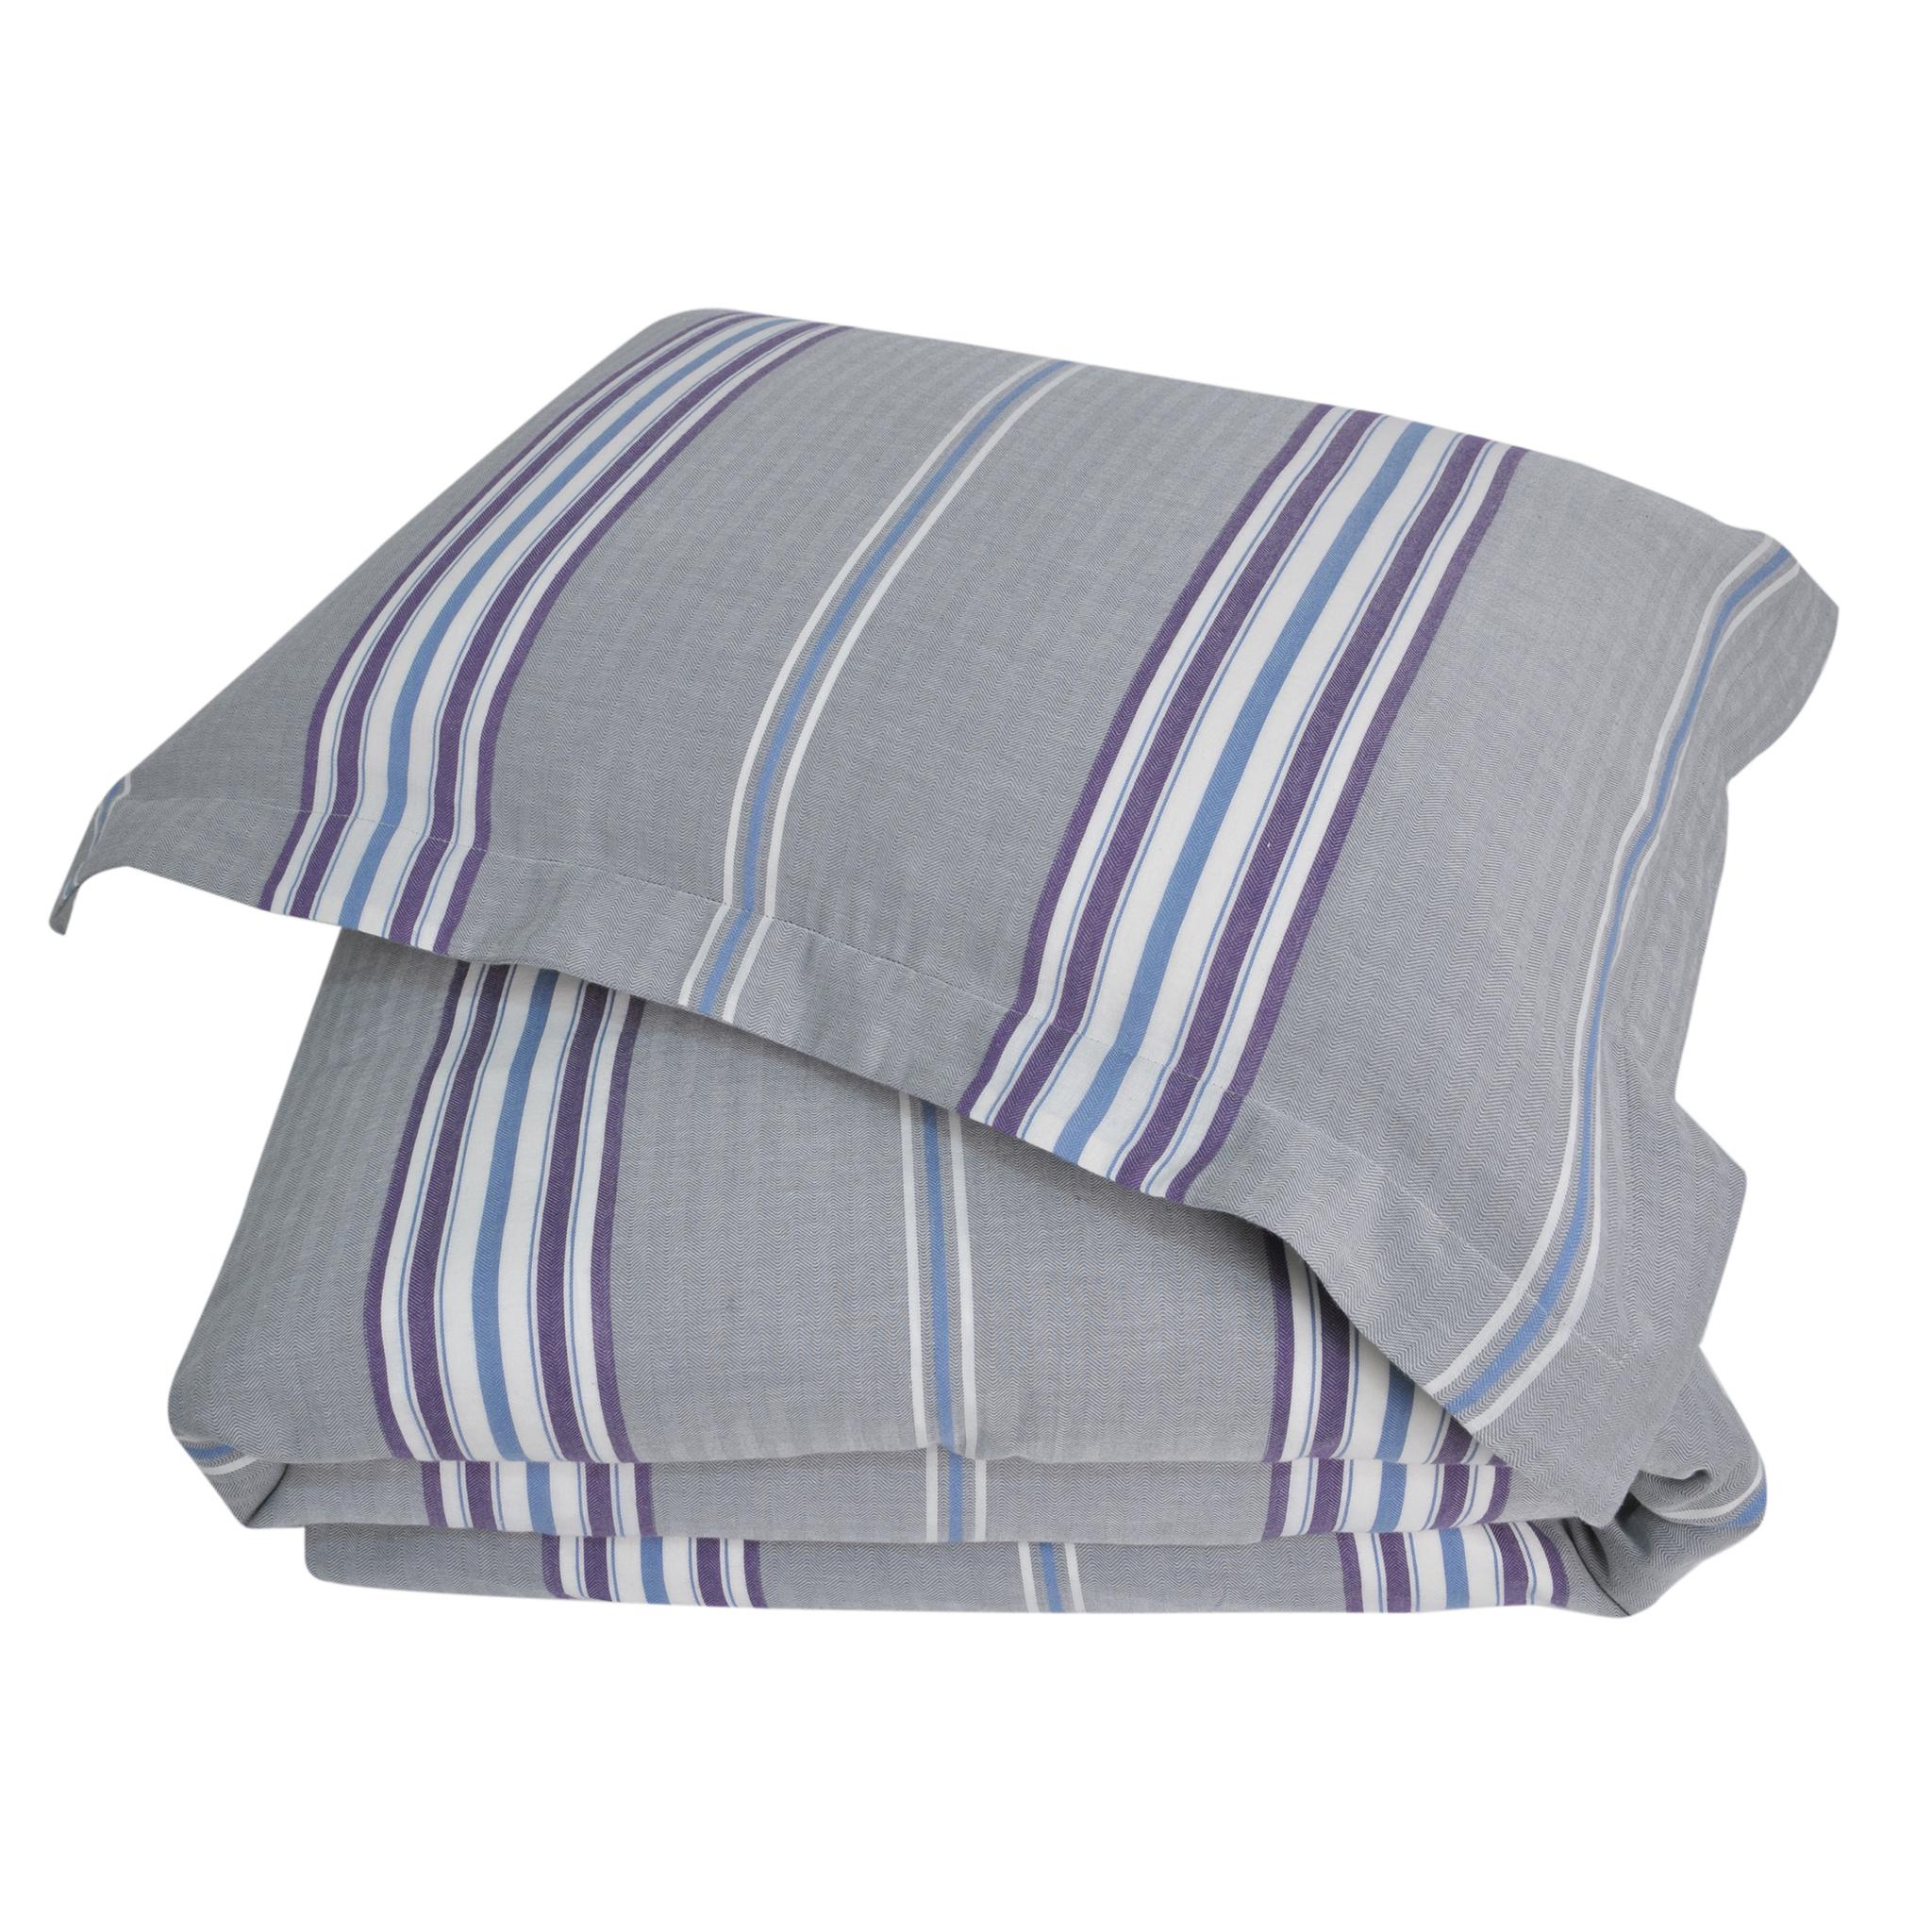 Комплекты Постельное белье 2 спальное евро Casual Avenue Rhode Island серое elitnoe-postelnoe-belie-rhode-island-gray-ot-casual-avenue-turtsiya.jpg